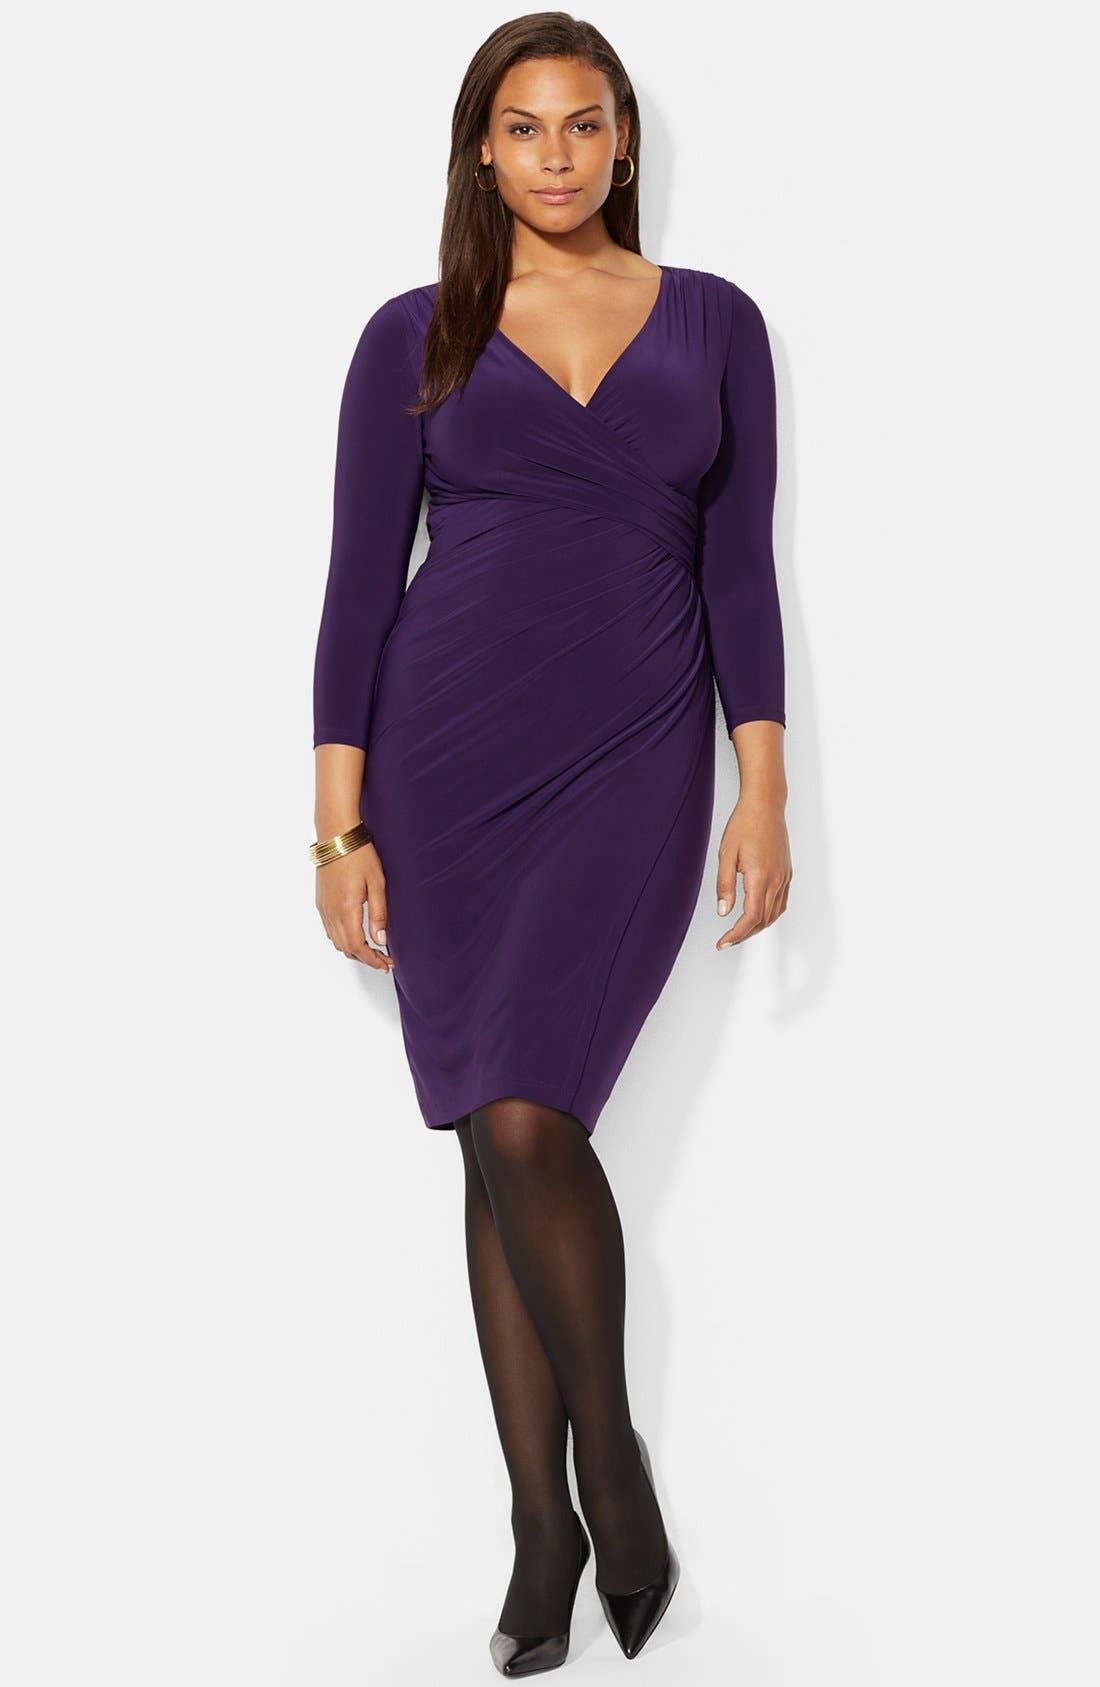 LAUREN RALPH LAUREN, Faux Wrap Matte Jersey Dress, Main thumbnail 1, color, 501